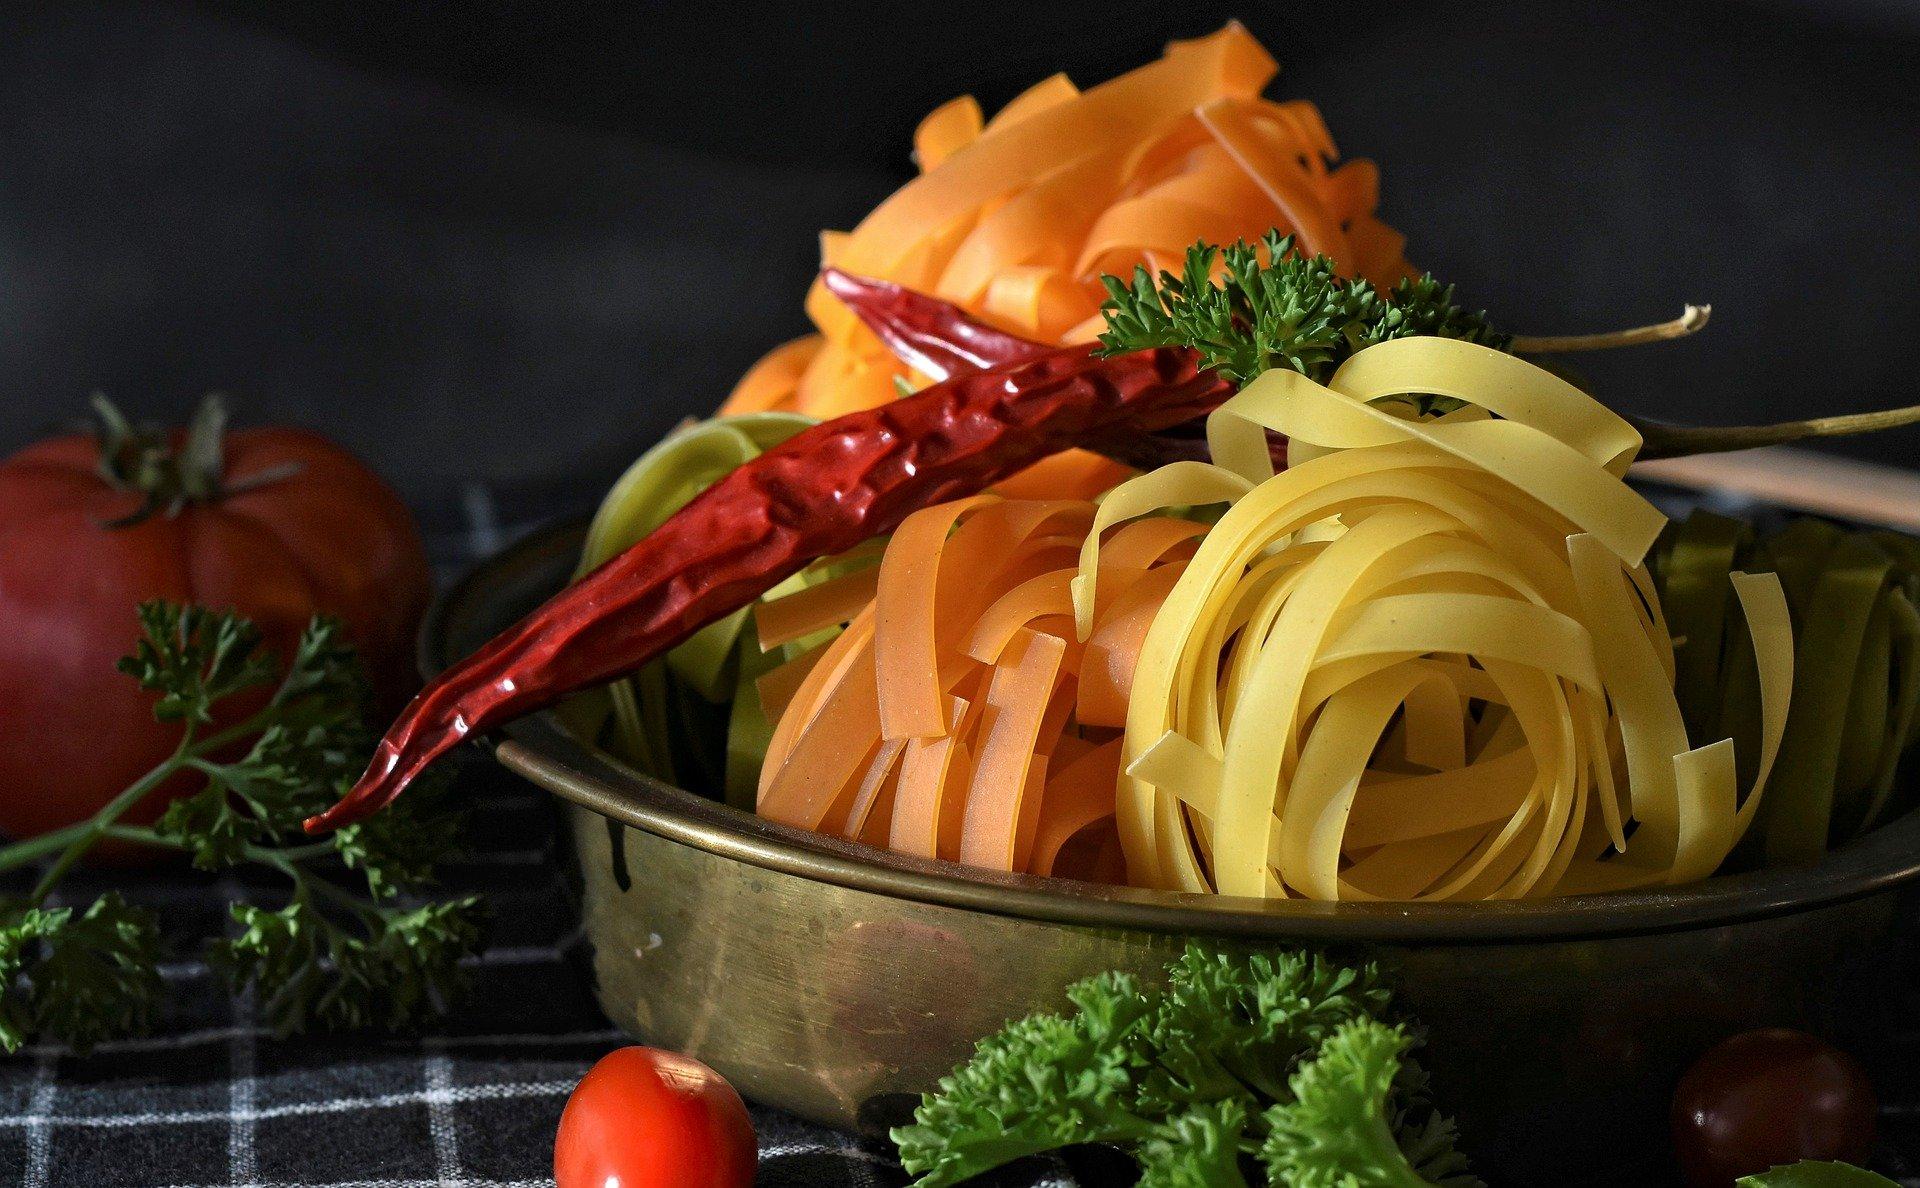 italia cibo regioni menù bistrot cucino di te cuoco a domicilio Varese, Como, Saronno, Legnano, Monza, Brianza, Canton Ticino, Svizzera